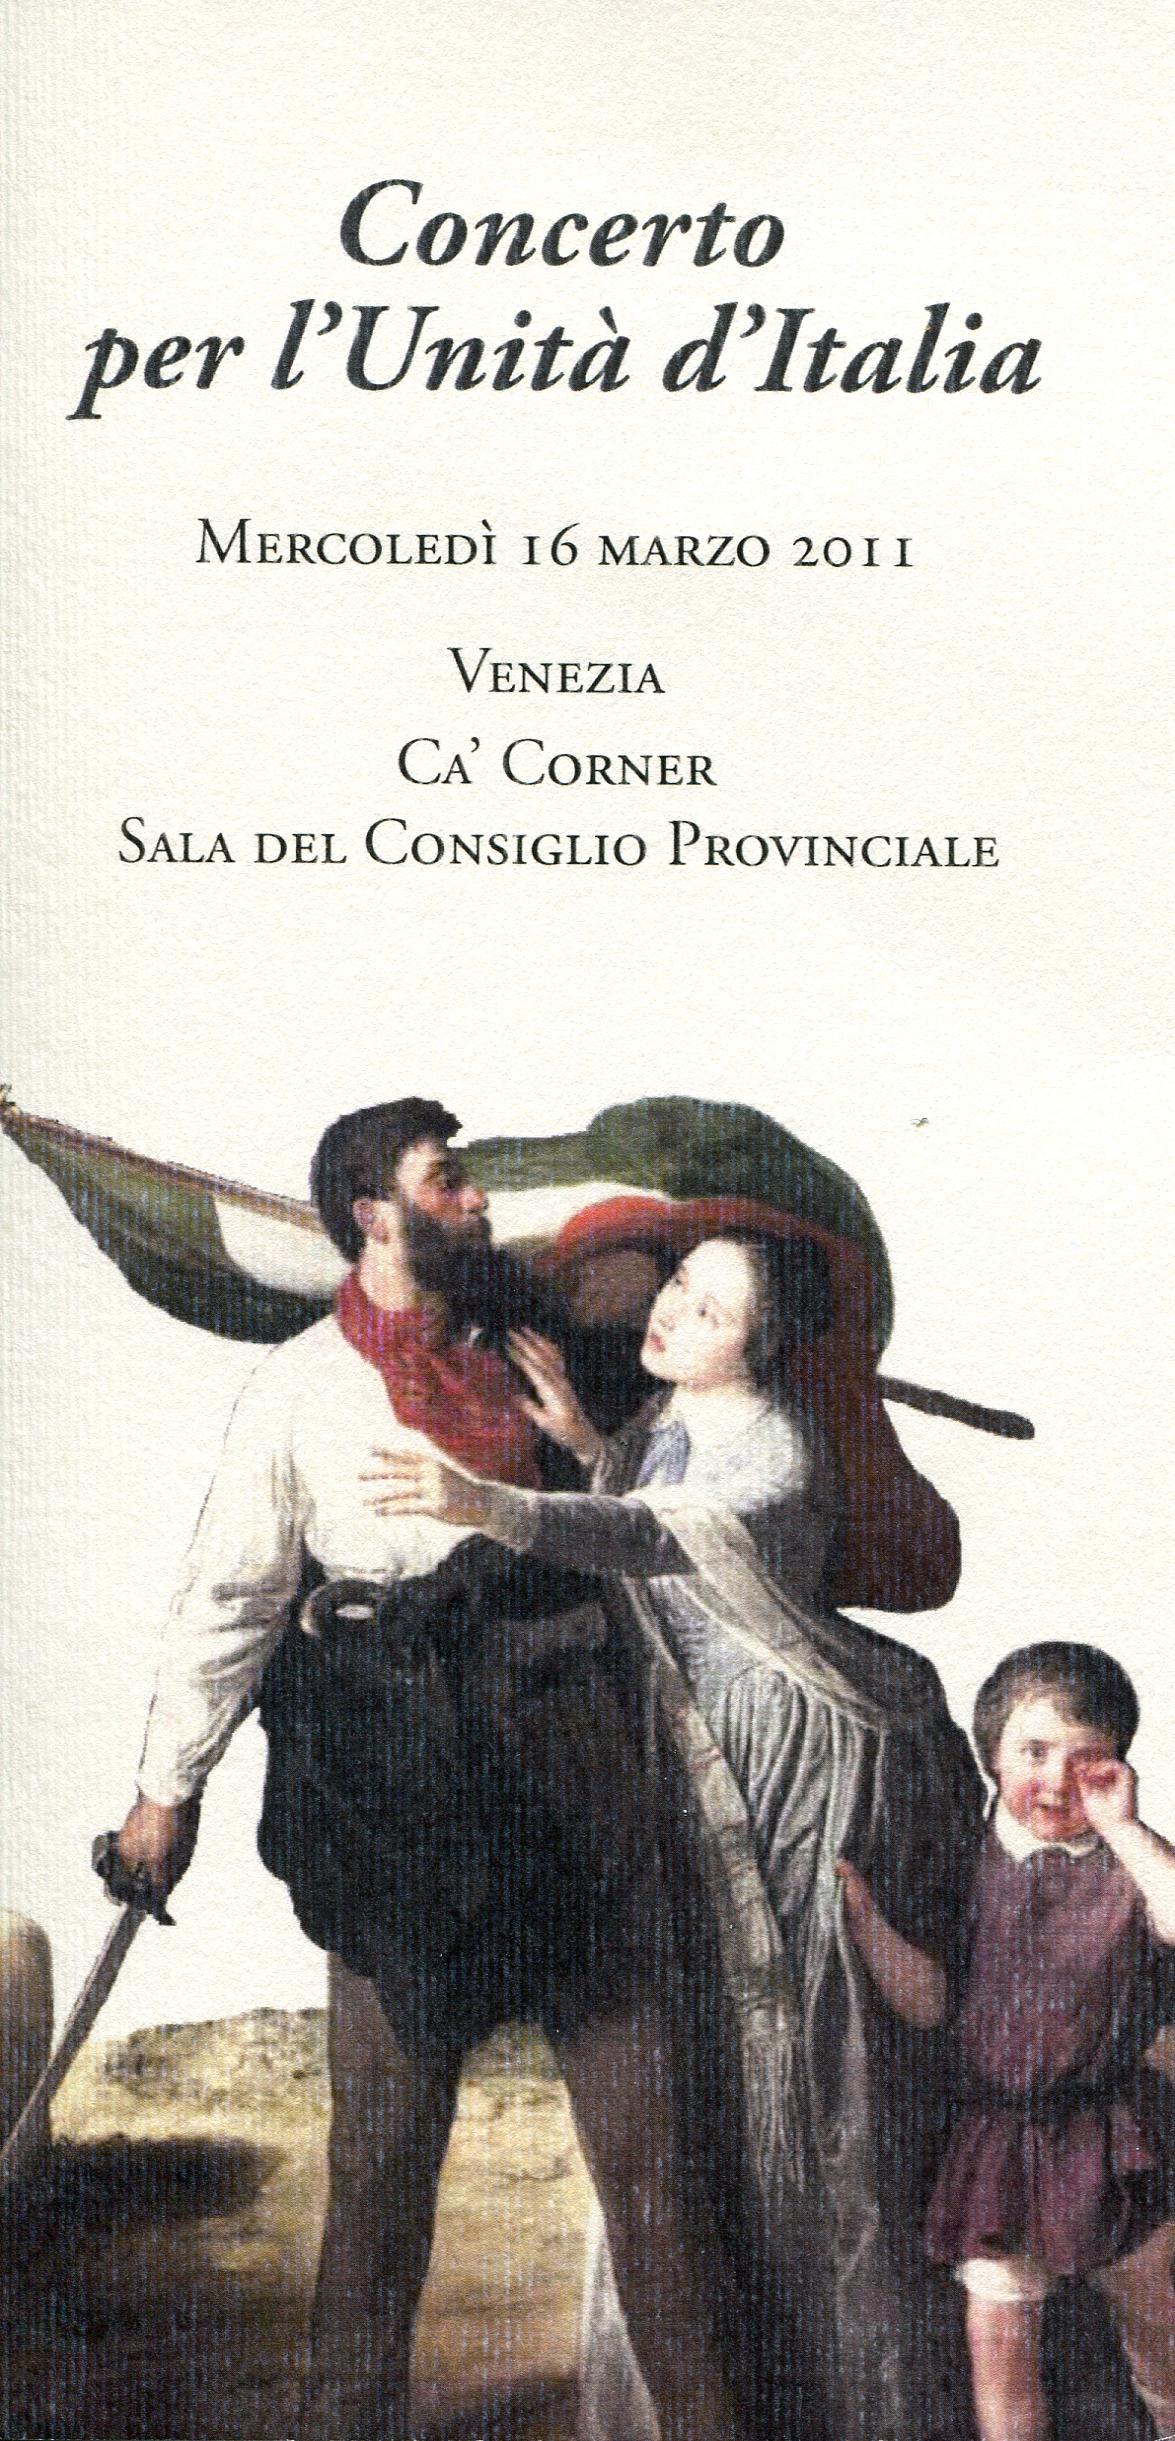 Concerto per l'Unità d'Italia